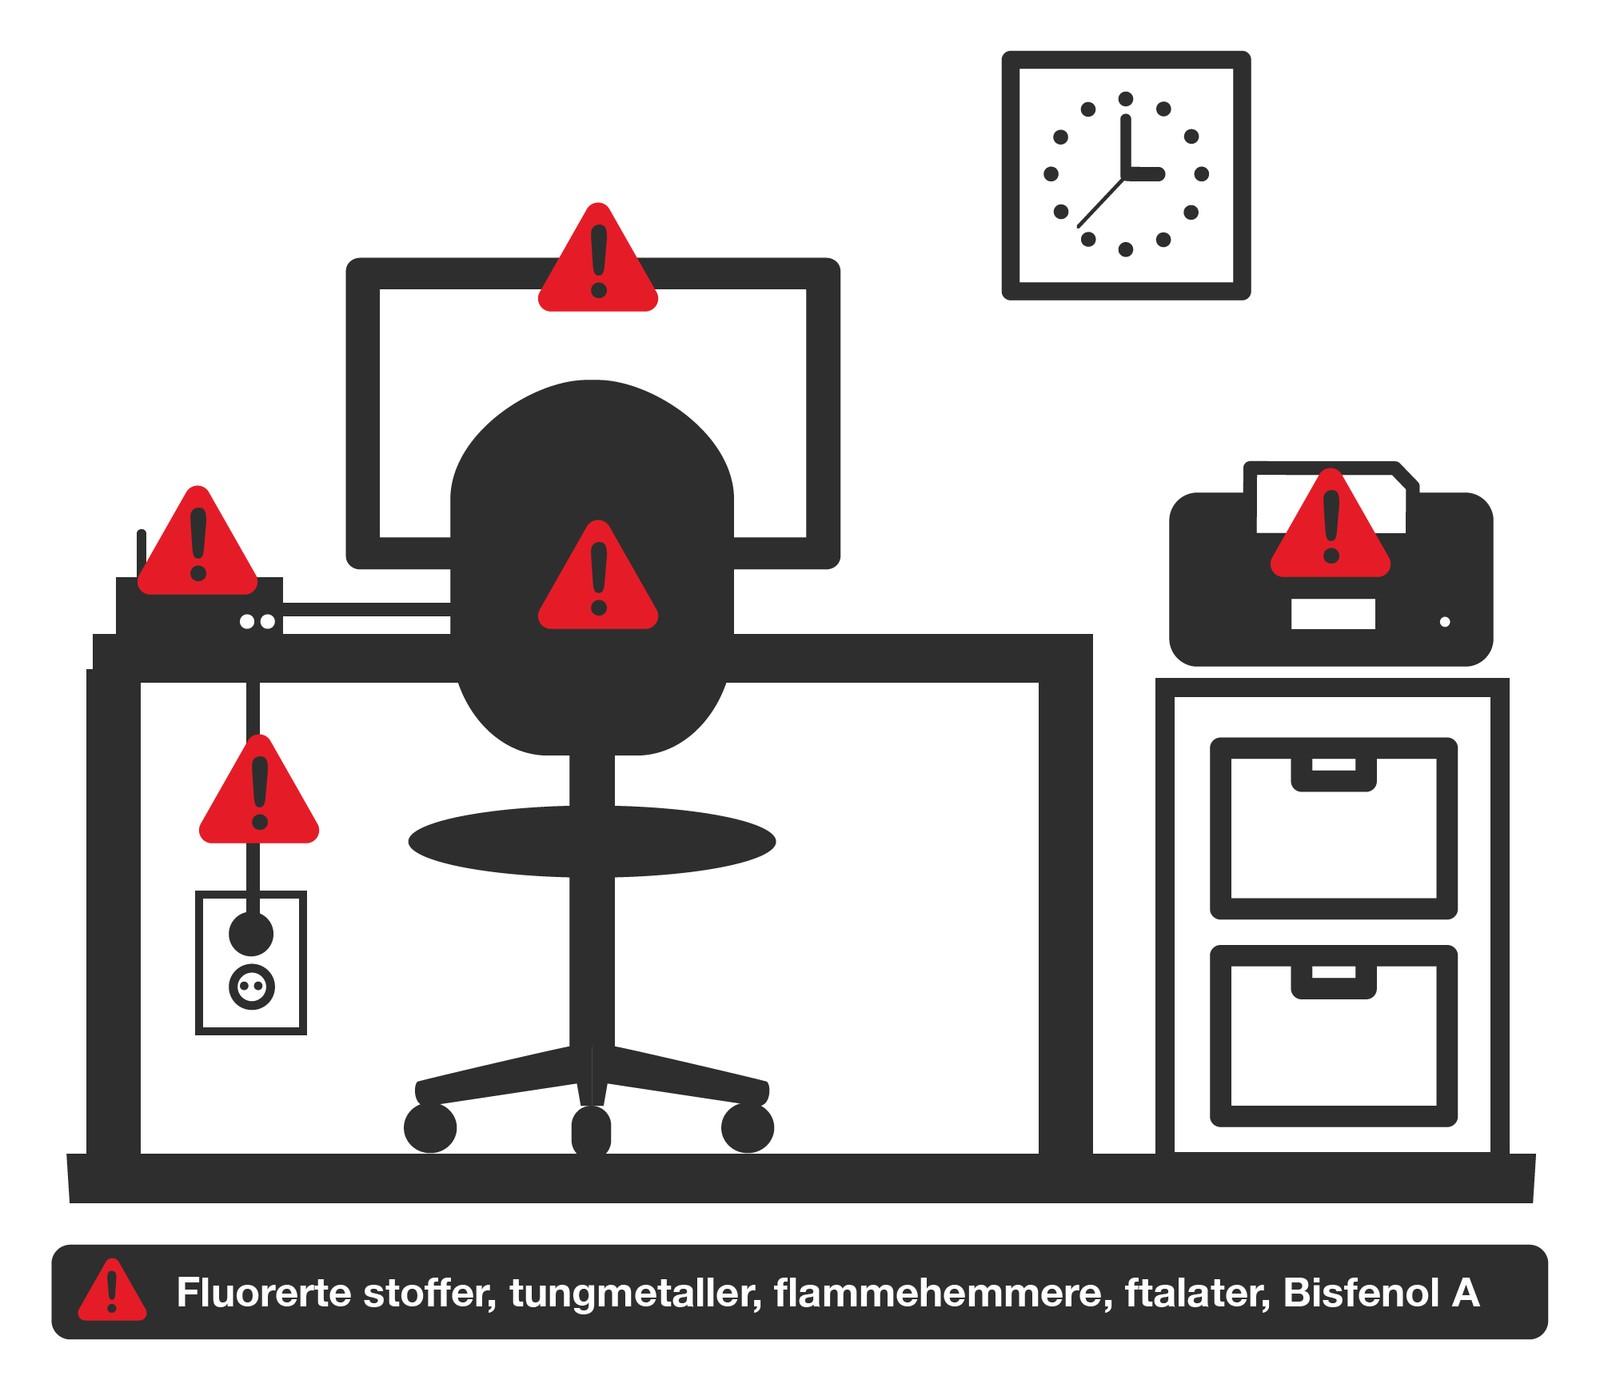 TV, data- og datautstyr, møbler og tepper kan inneholde tungmetaller, fluorerte stoffer, bromerte flammehemmere, ftalater og bisfenol A. Råd: Ukentlig støvsuging og vasking, samt daglig lufting.